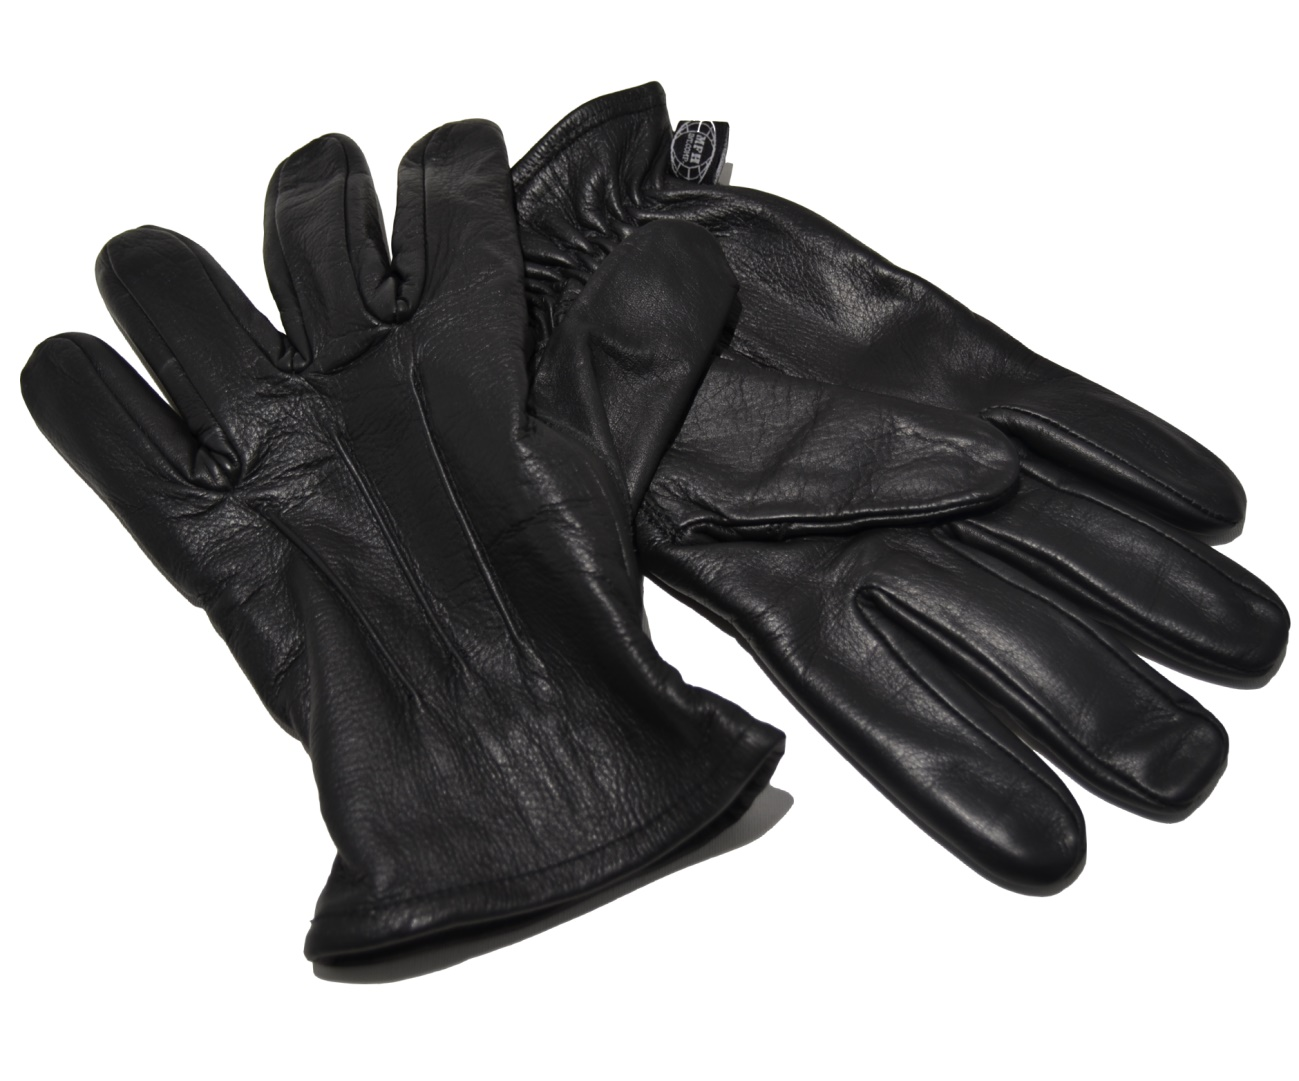 Lederhandschuh Safety mit schnitthemmenden Kevlarinnenfutter / Nr. 13